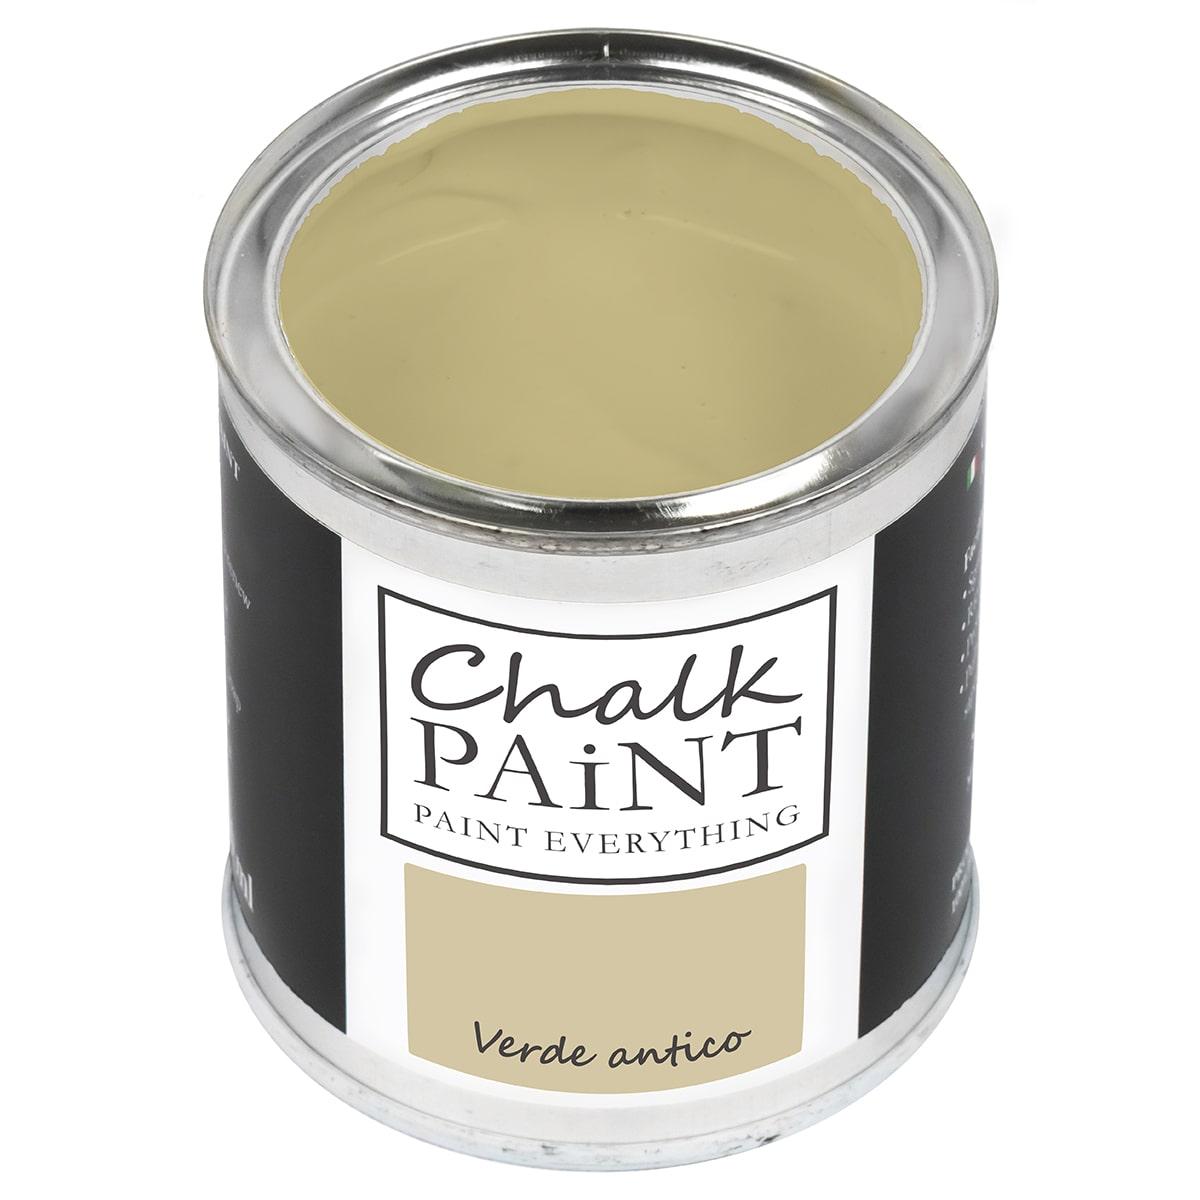 Chalk Paint Verde antico